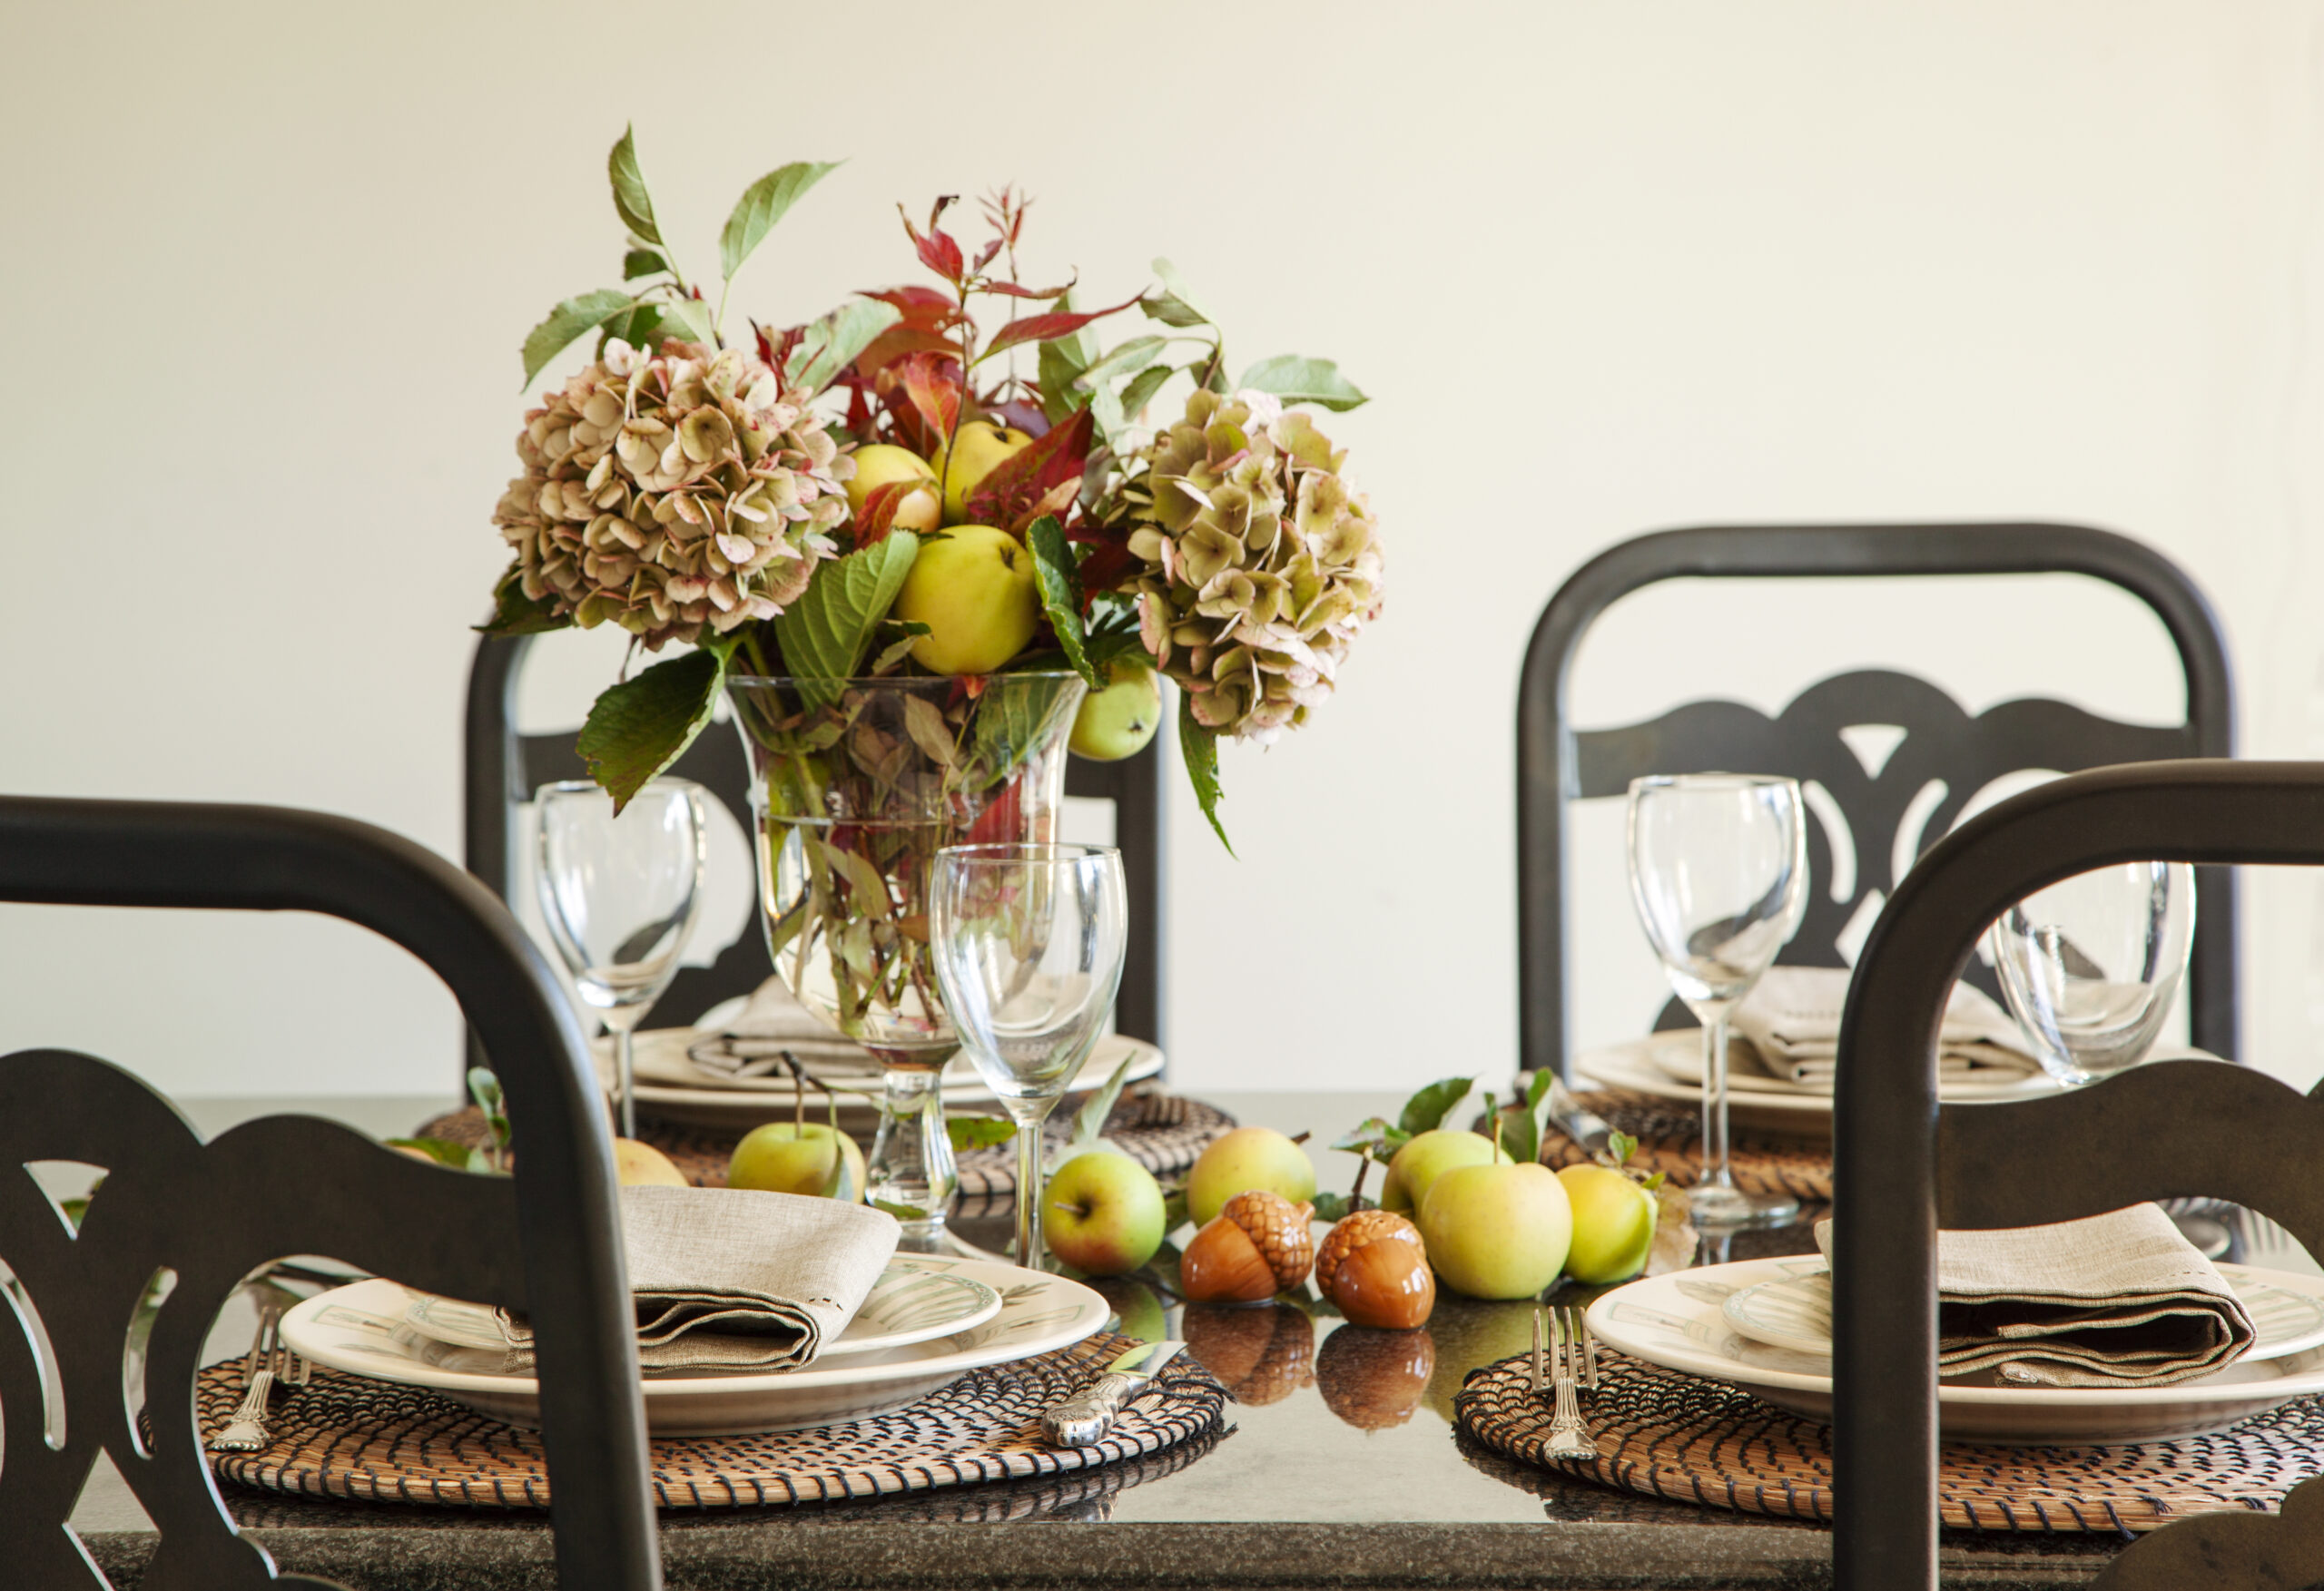 秋のテーブルデコレーション